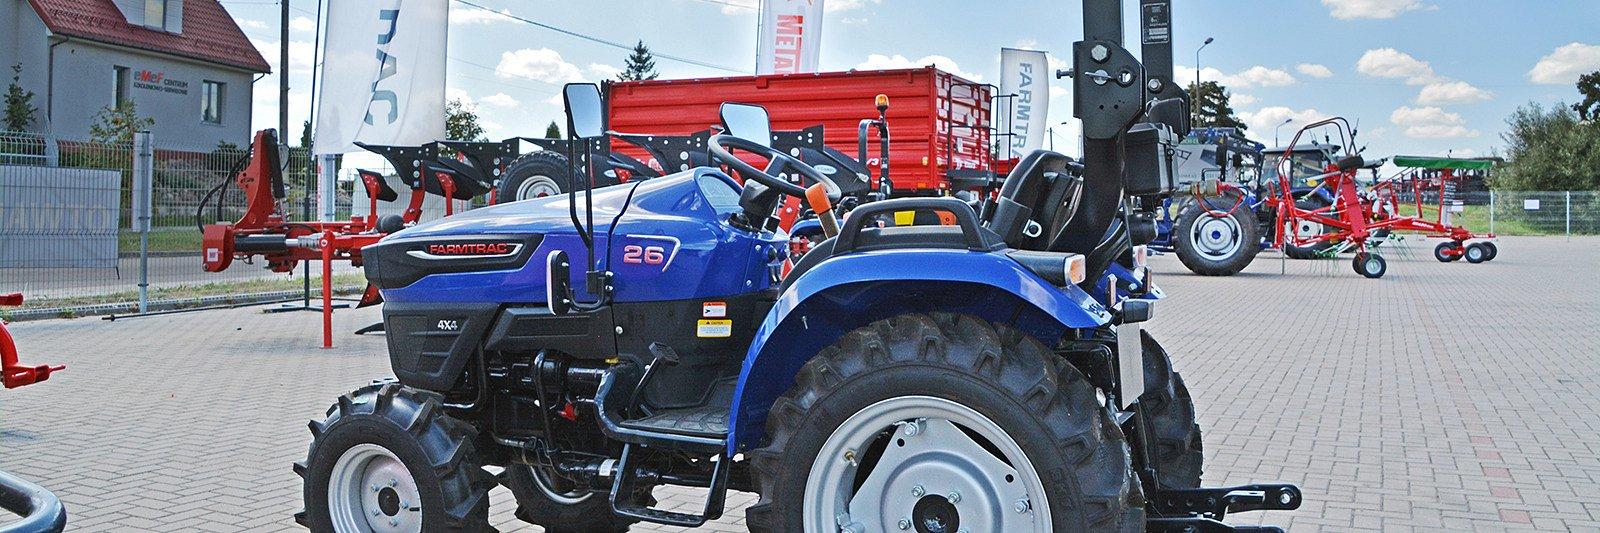 Ciągniki kompaktowe Farmtrac – nowość w ofercie sklepu rolniczego TwojaZagroda.pl